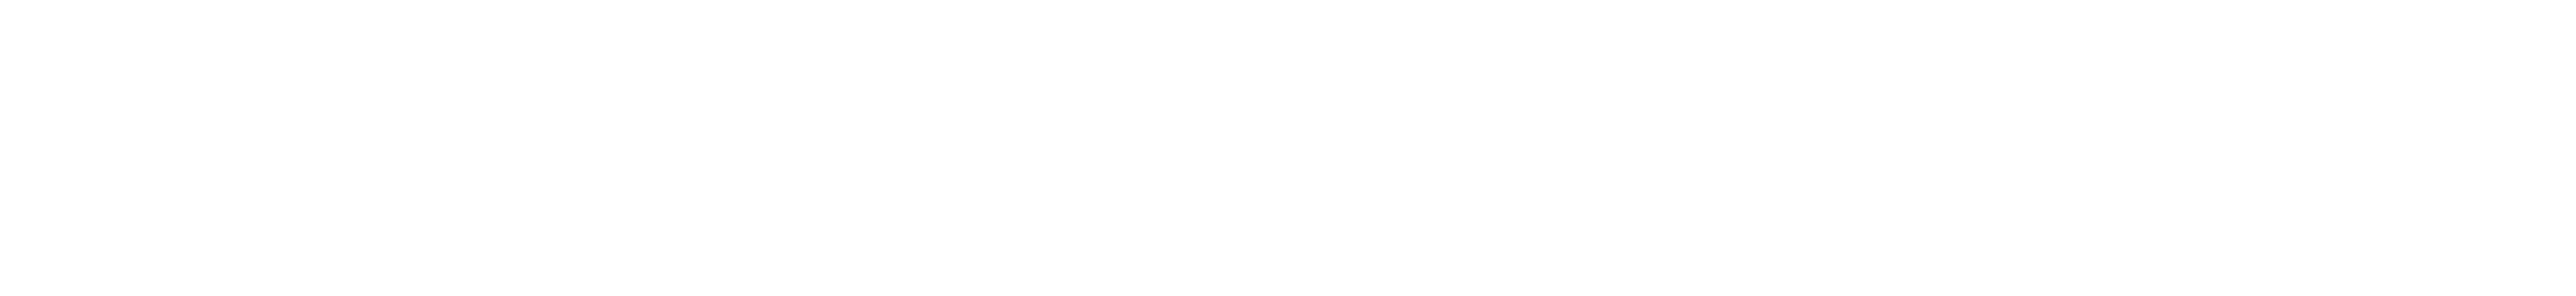 espaceVivant-copie-24